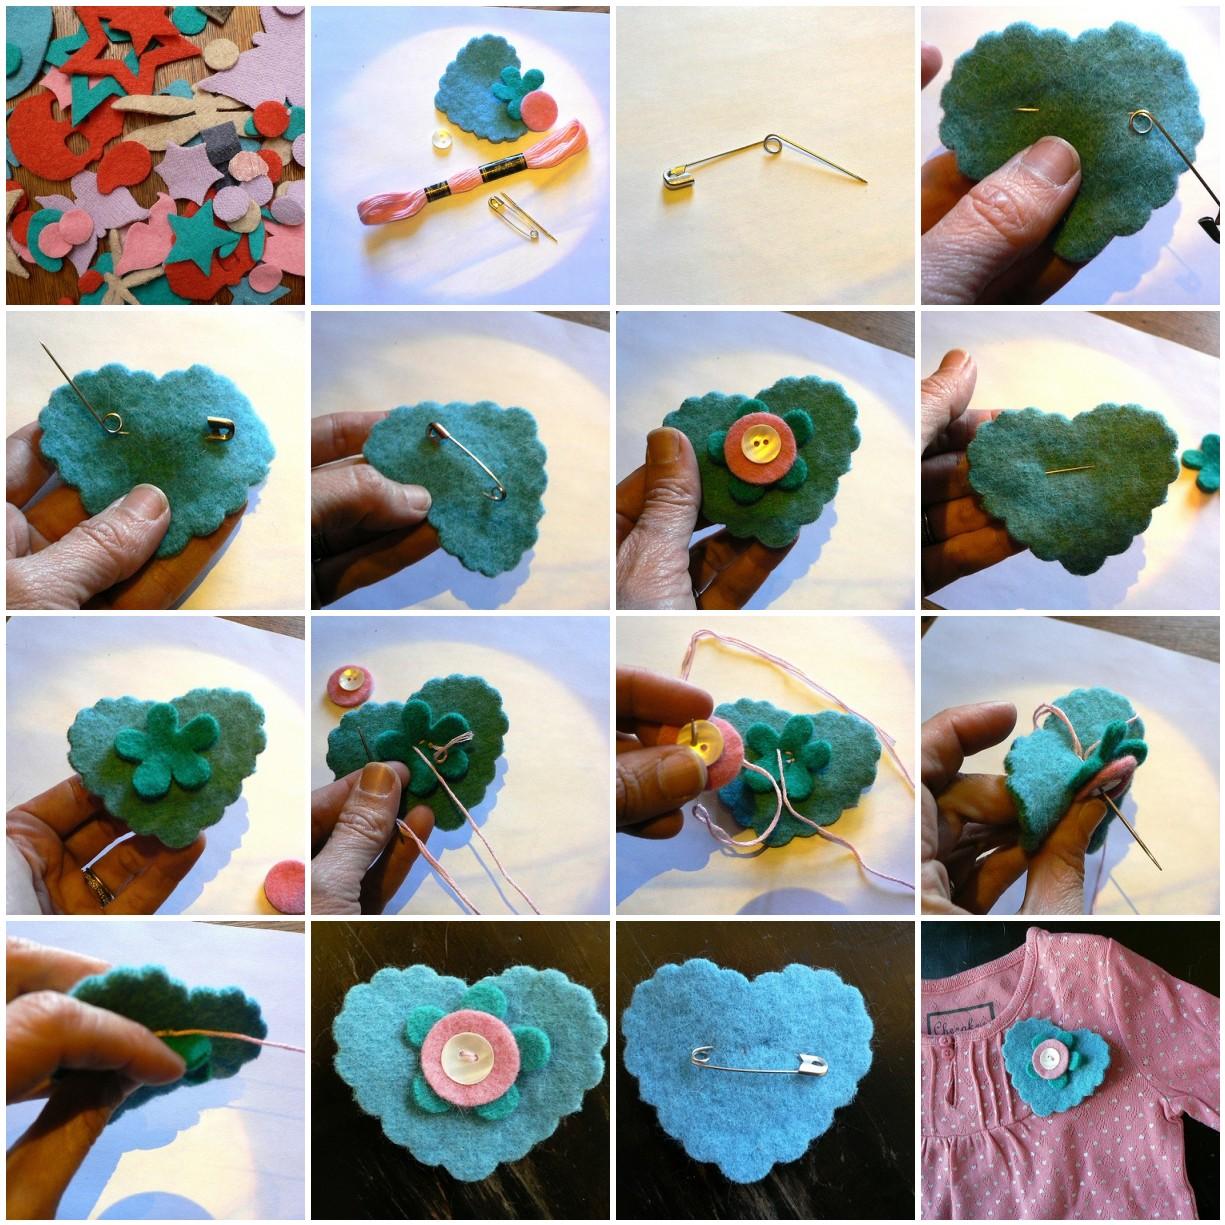 Tutorial para hacer un broche de fieltro con forma de corazón y botones paso a paso